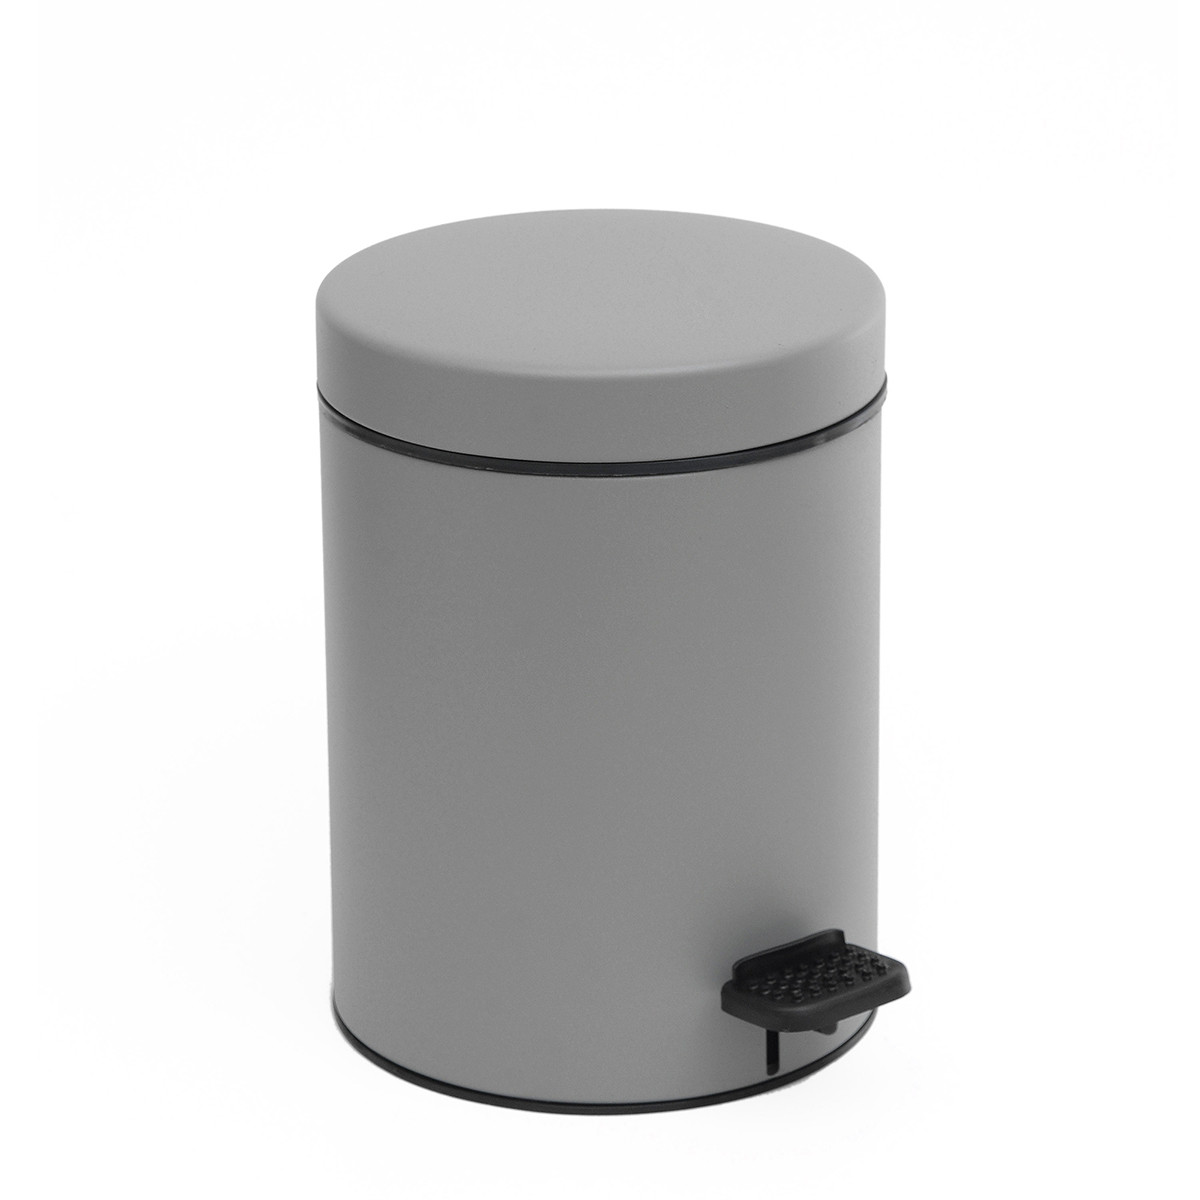 Κάδος Απορριμμάτων (18x25) PamCo 3Lit 605 Concrete Grey Matte